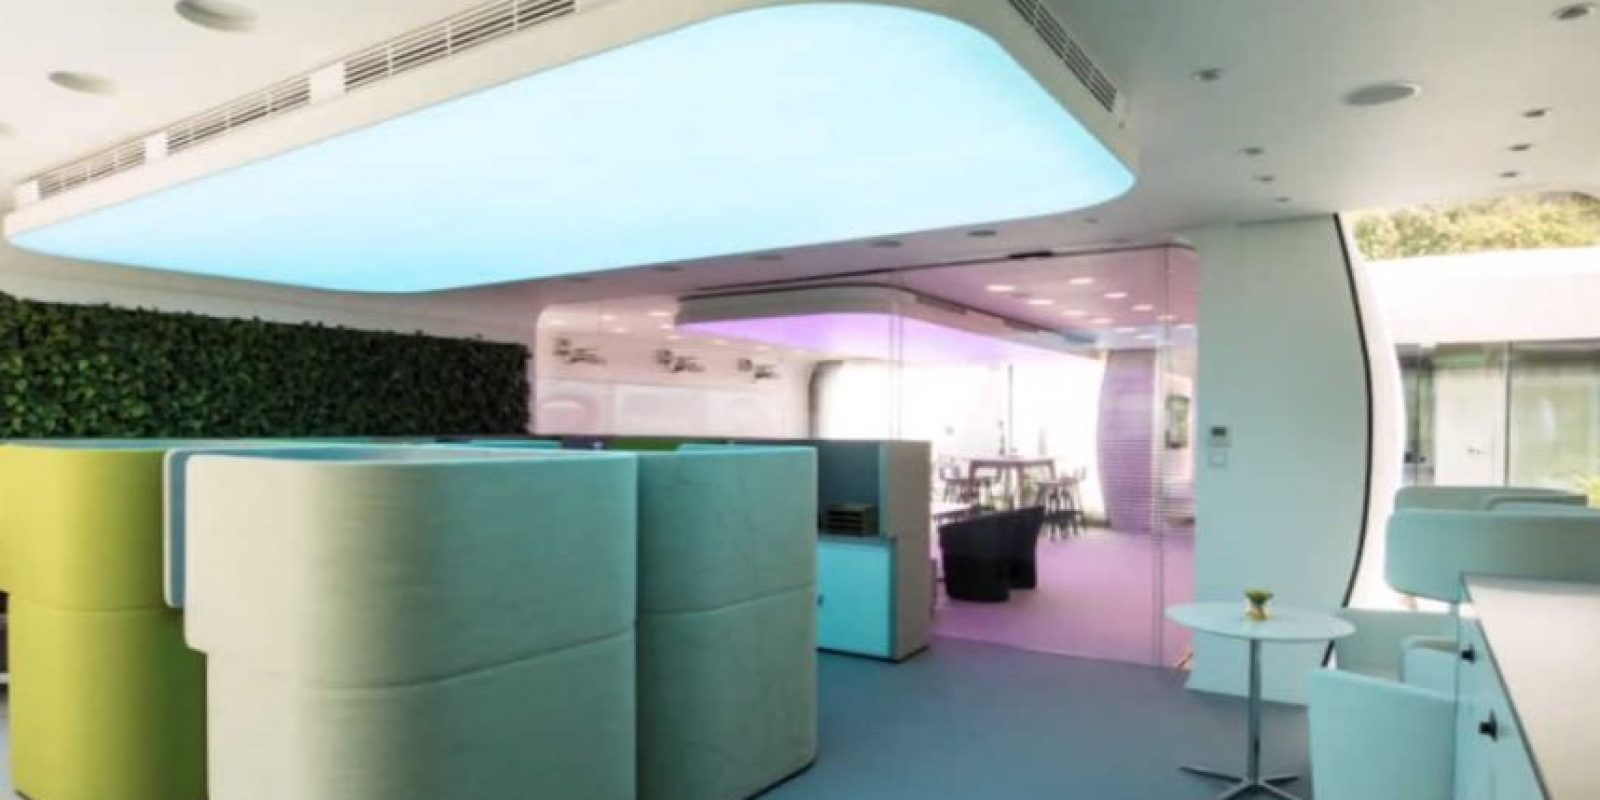 Así son por dentro las primeras oficinas impresas en 3D. Foto:YouTube/Dubai Future Foundation – UAE